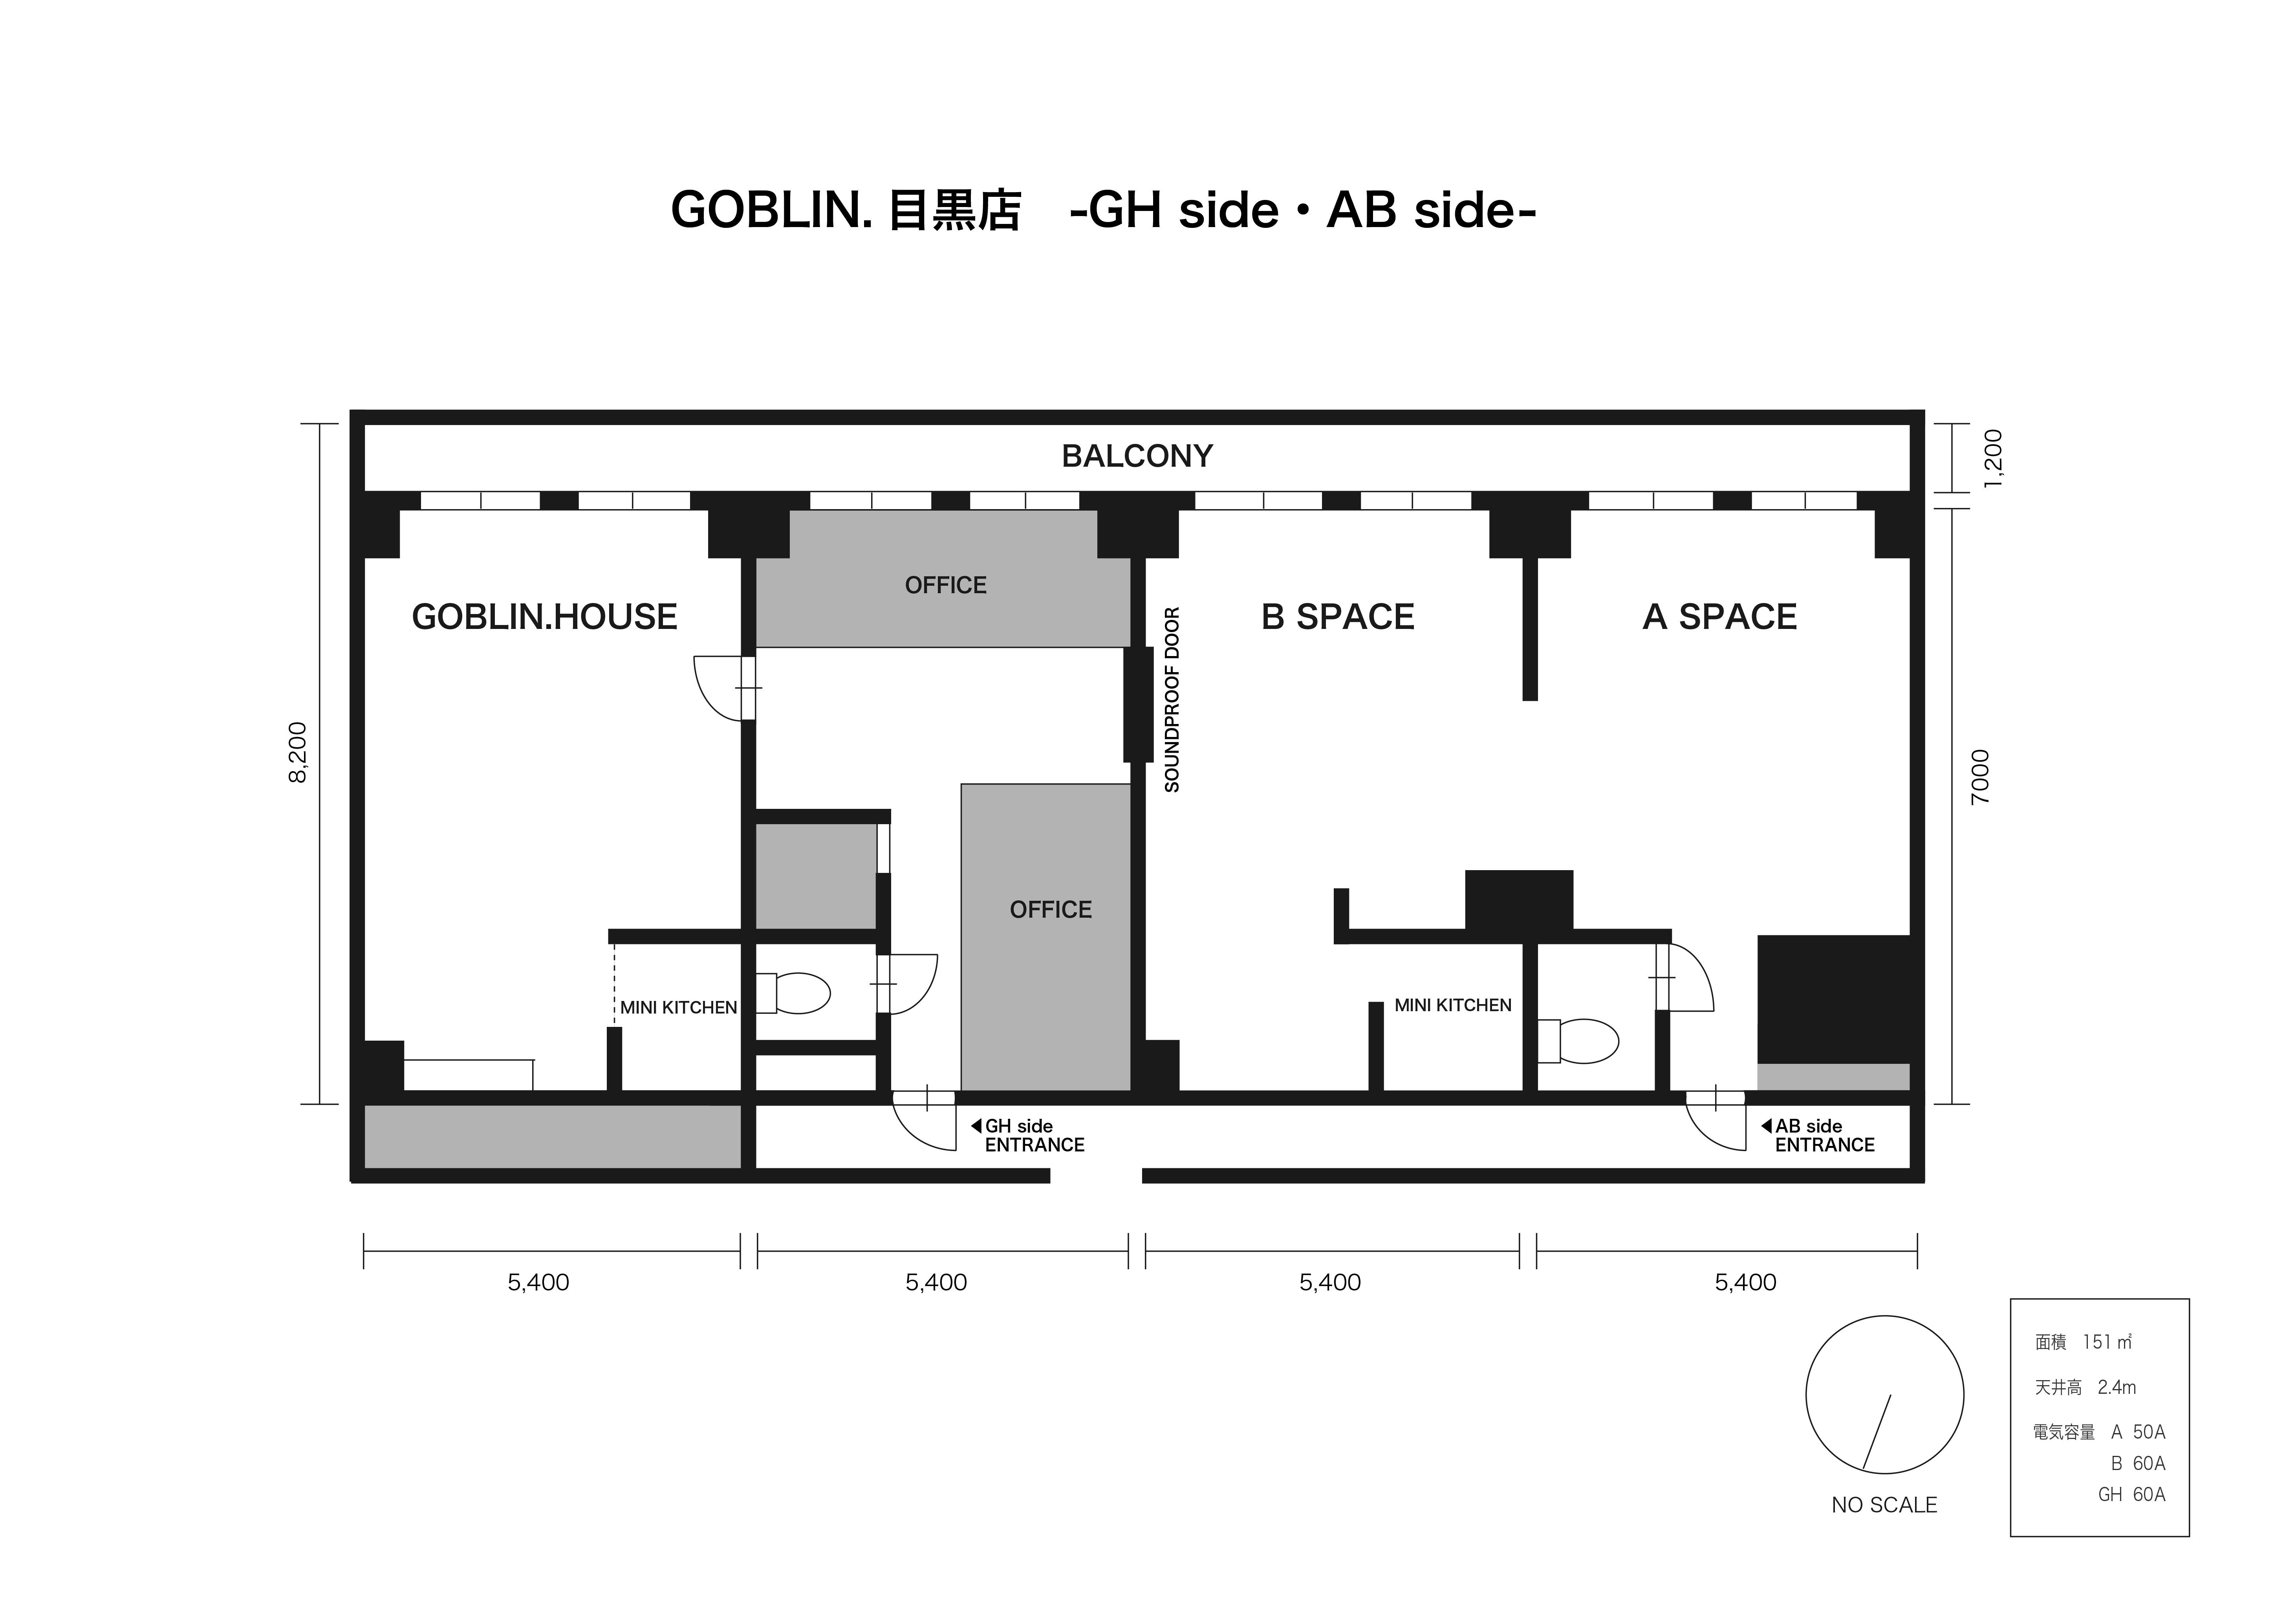 目黒店 -GH side-平面図